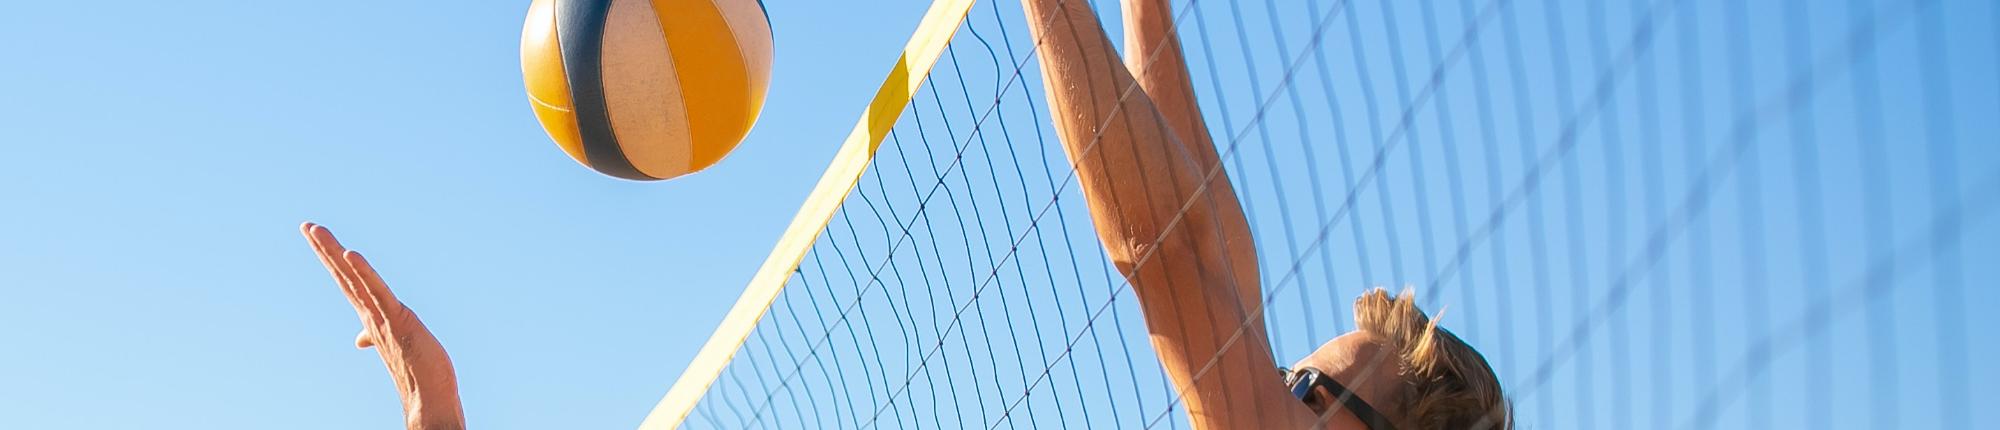 Afterwork beach volleyball tournament